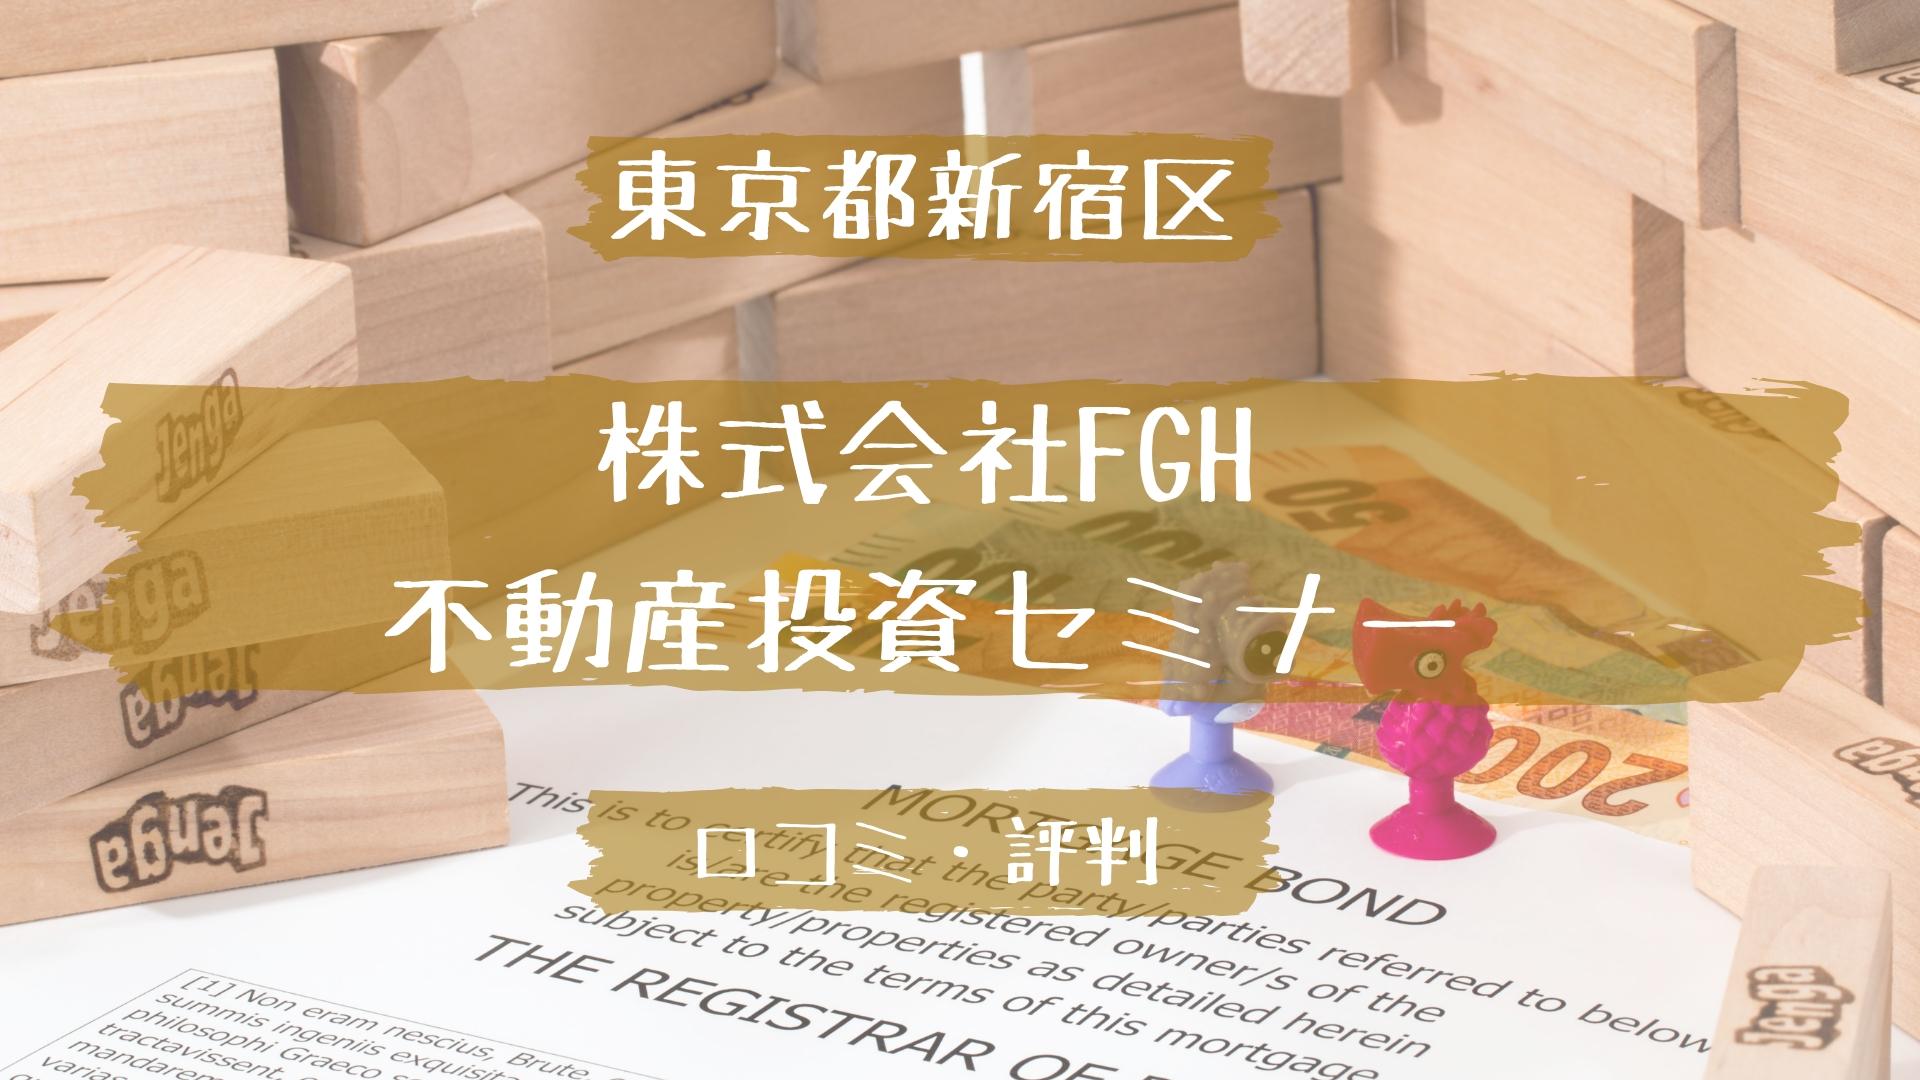 株式会社FGH_不動産投資セミナー